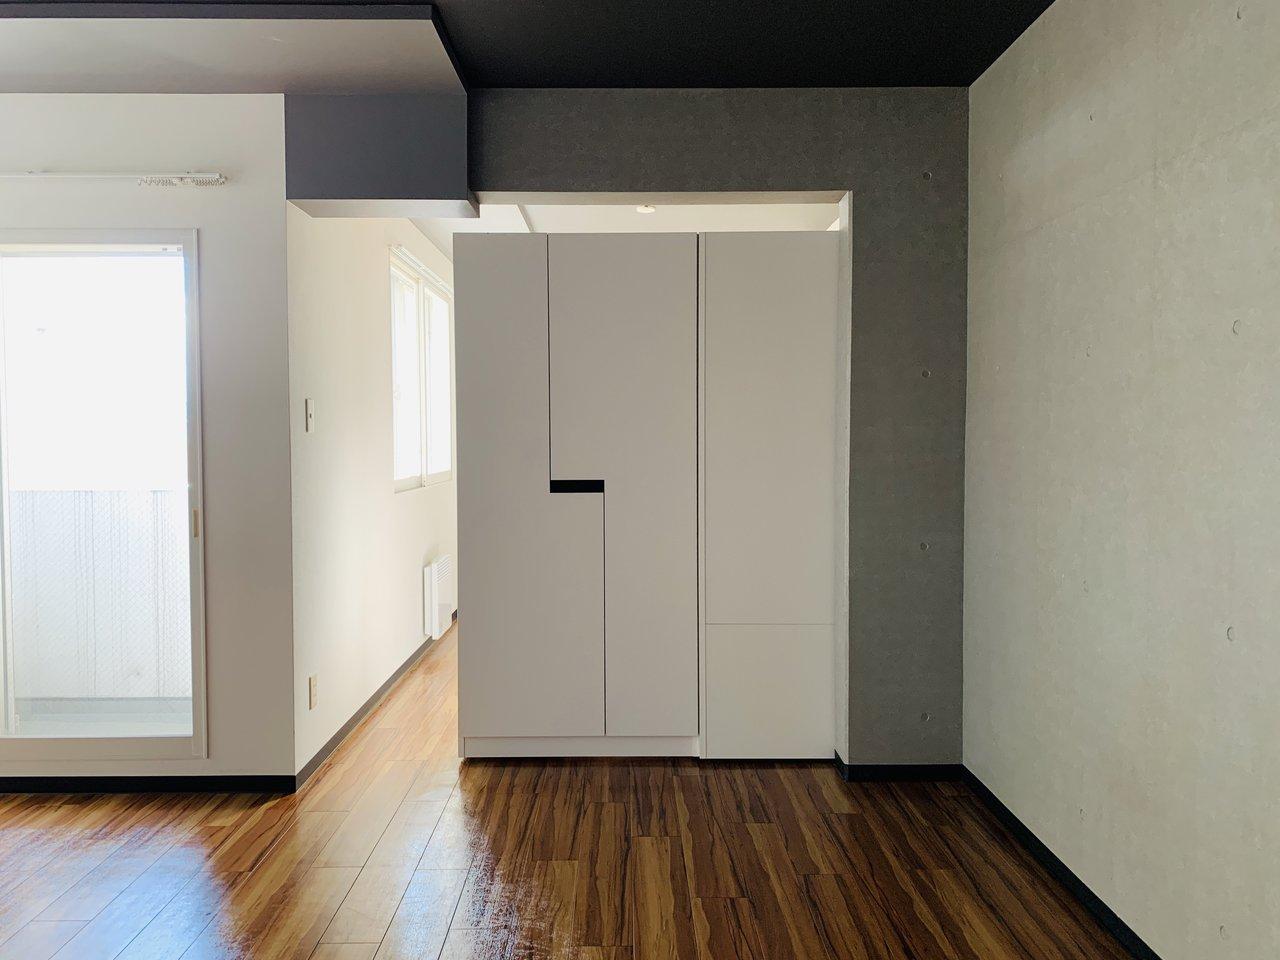 リビングと洋室は基本的にはつながっていますが、こうして可動式の収納棚を移動させることで仕切りすることも。急な来客の際にも安心です。